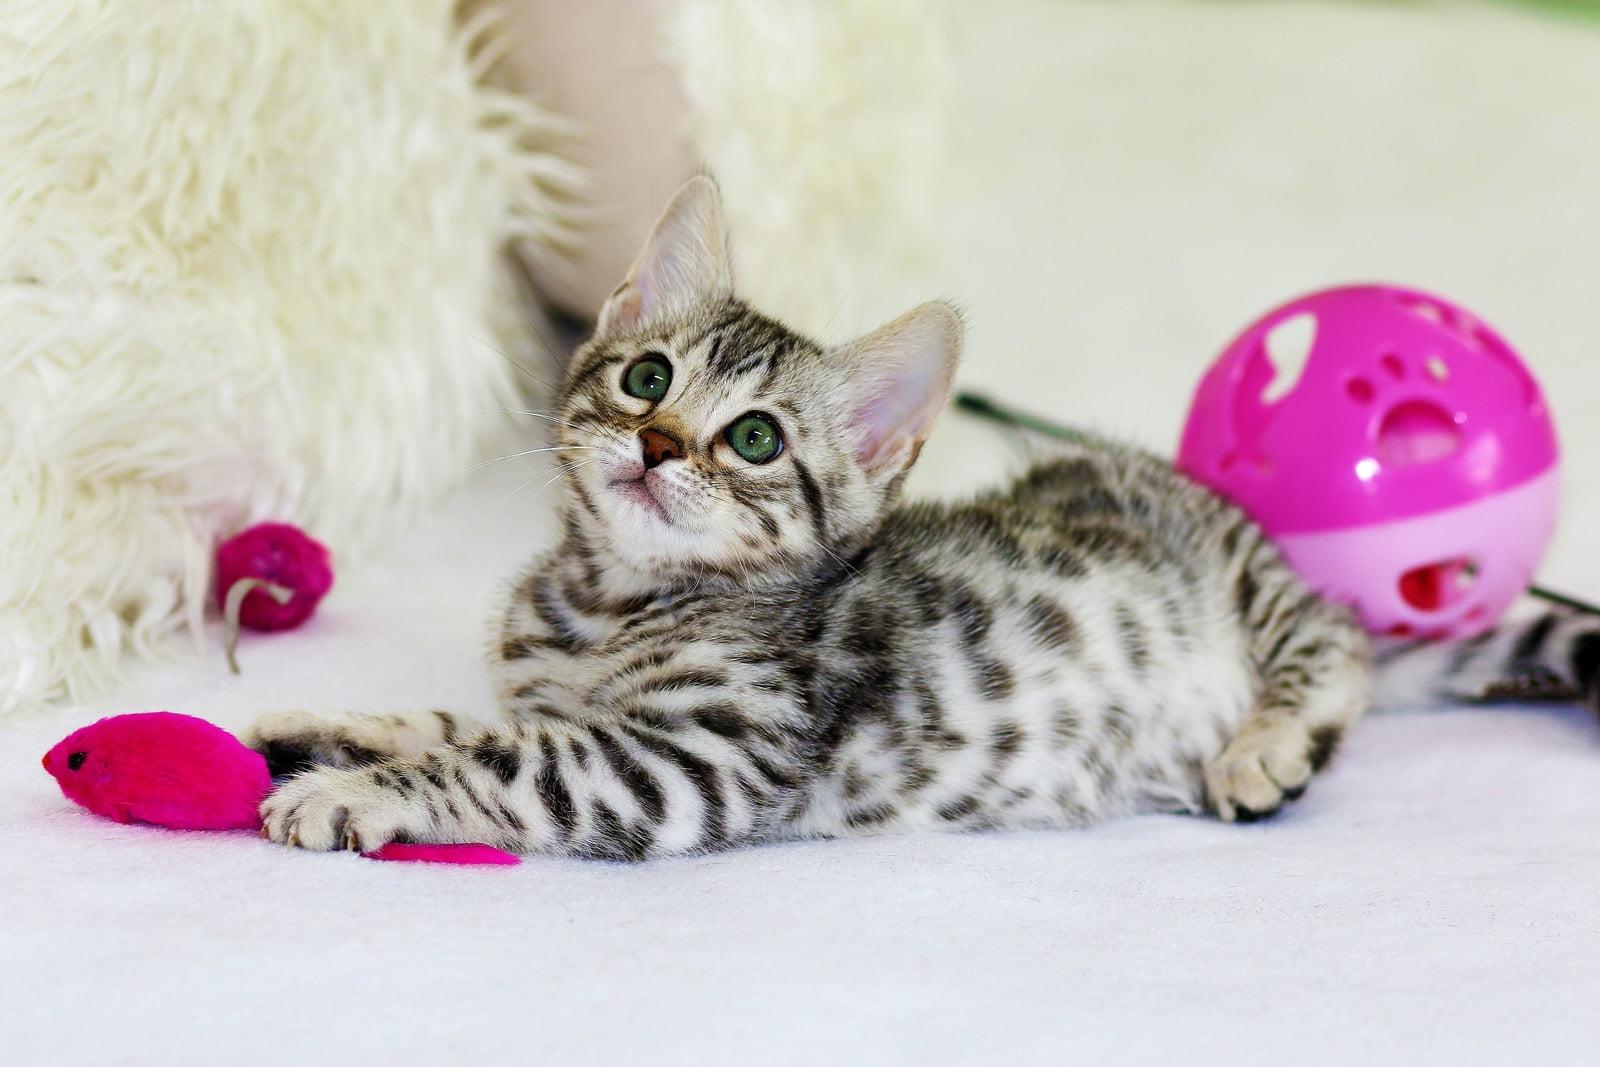 Mejores juguetes para gatitos que los mantendrán entretenidos